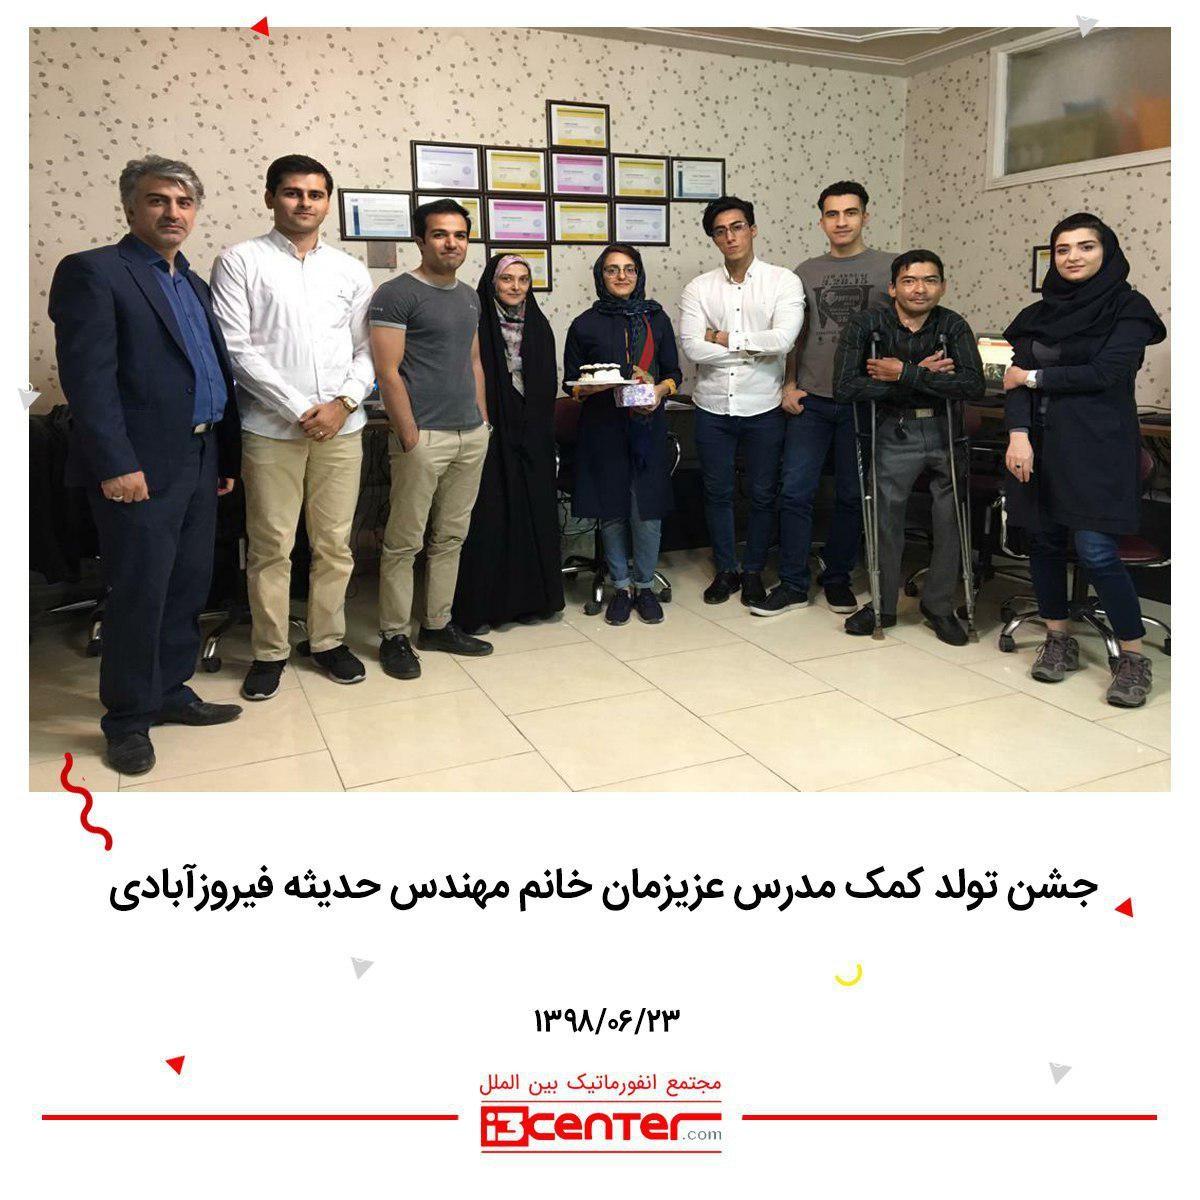 جشن تولد کمک مدرس عزیزمان سرکار خانم مهندس حدیثه فیروزآبادی